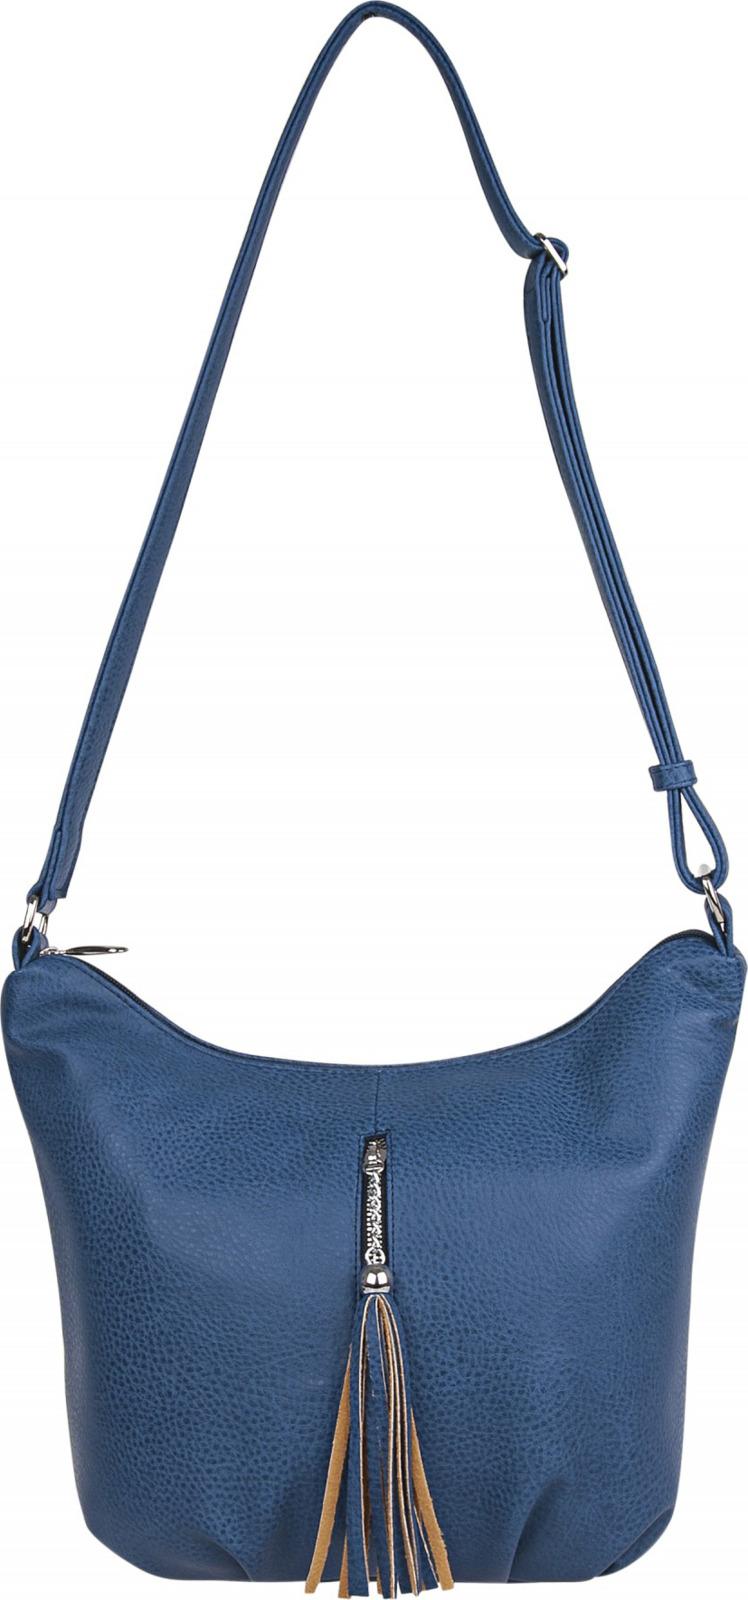 Сумка женская Constanta, цвет: синий. 1-4127-086